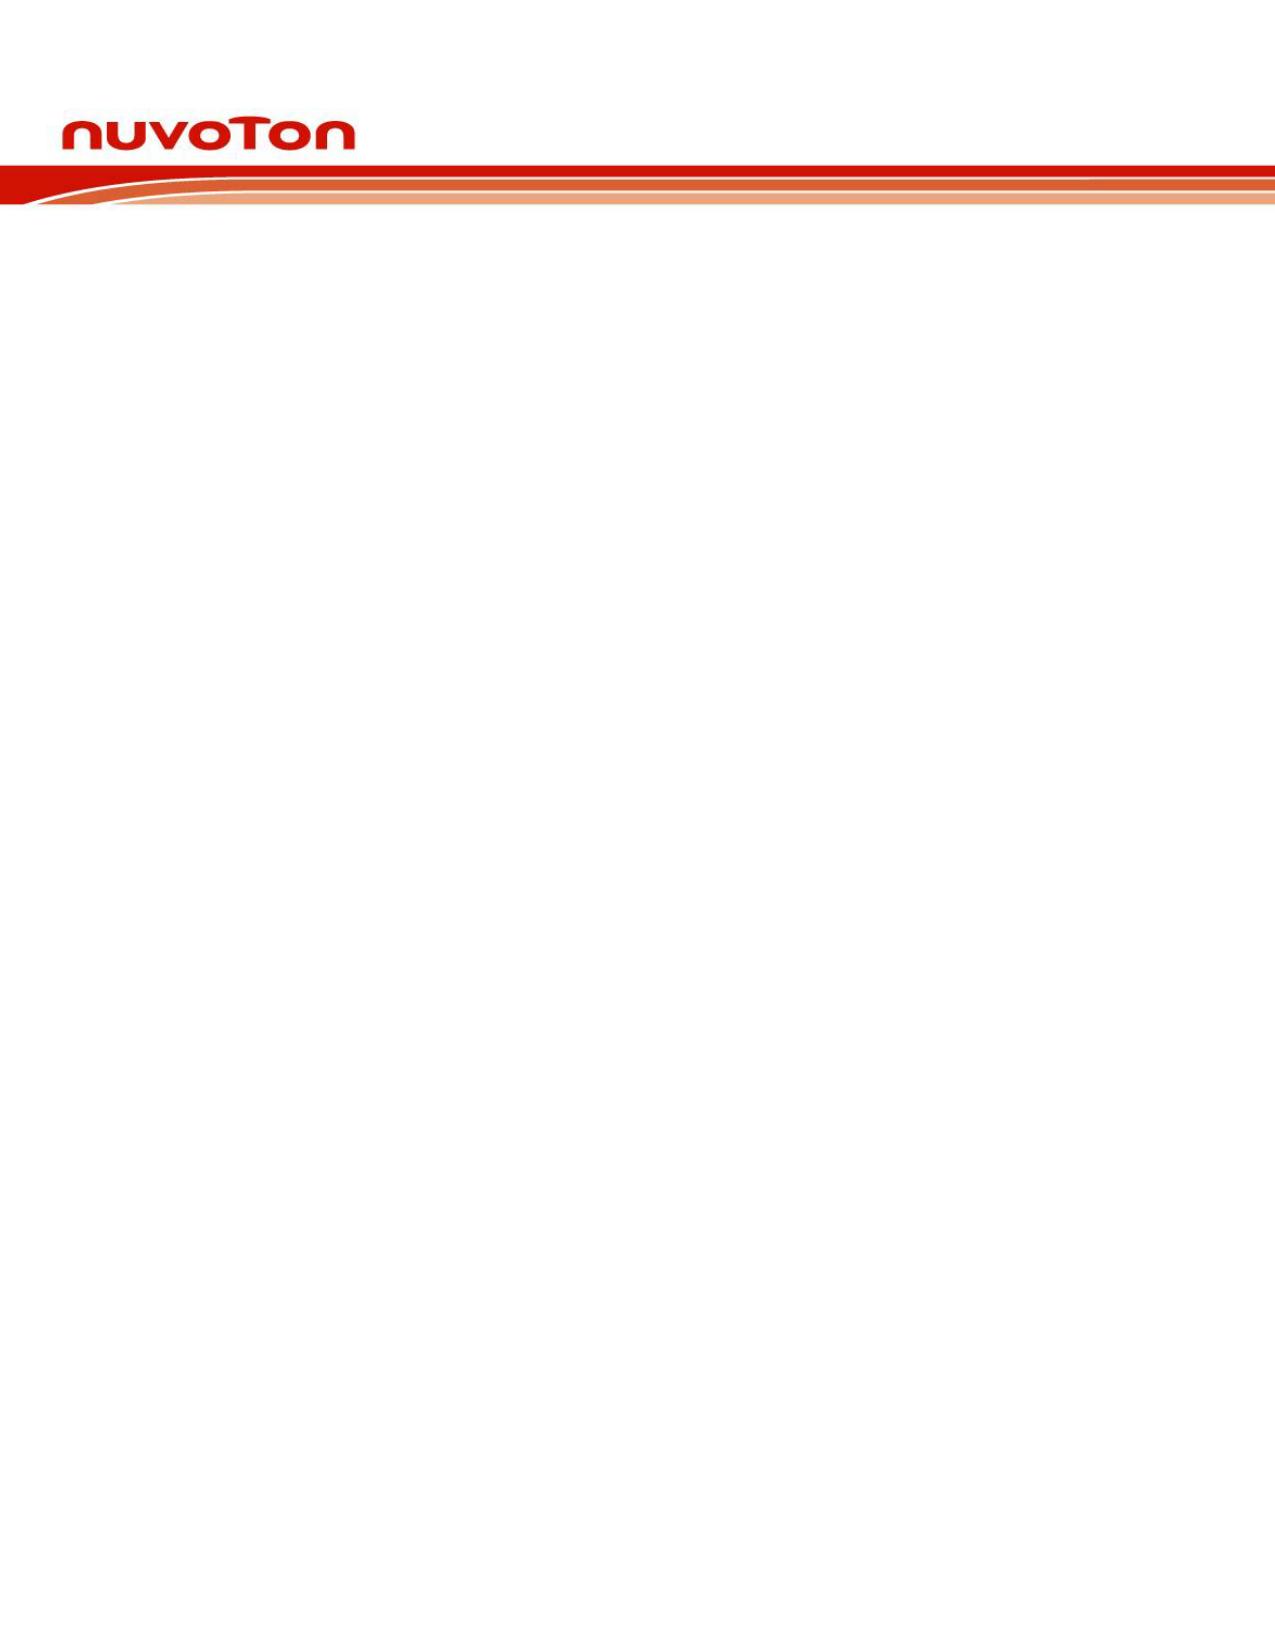 M052LBN دیتاشیت PDF